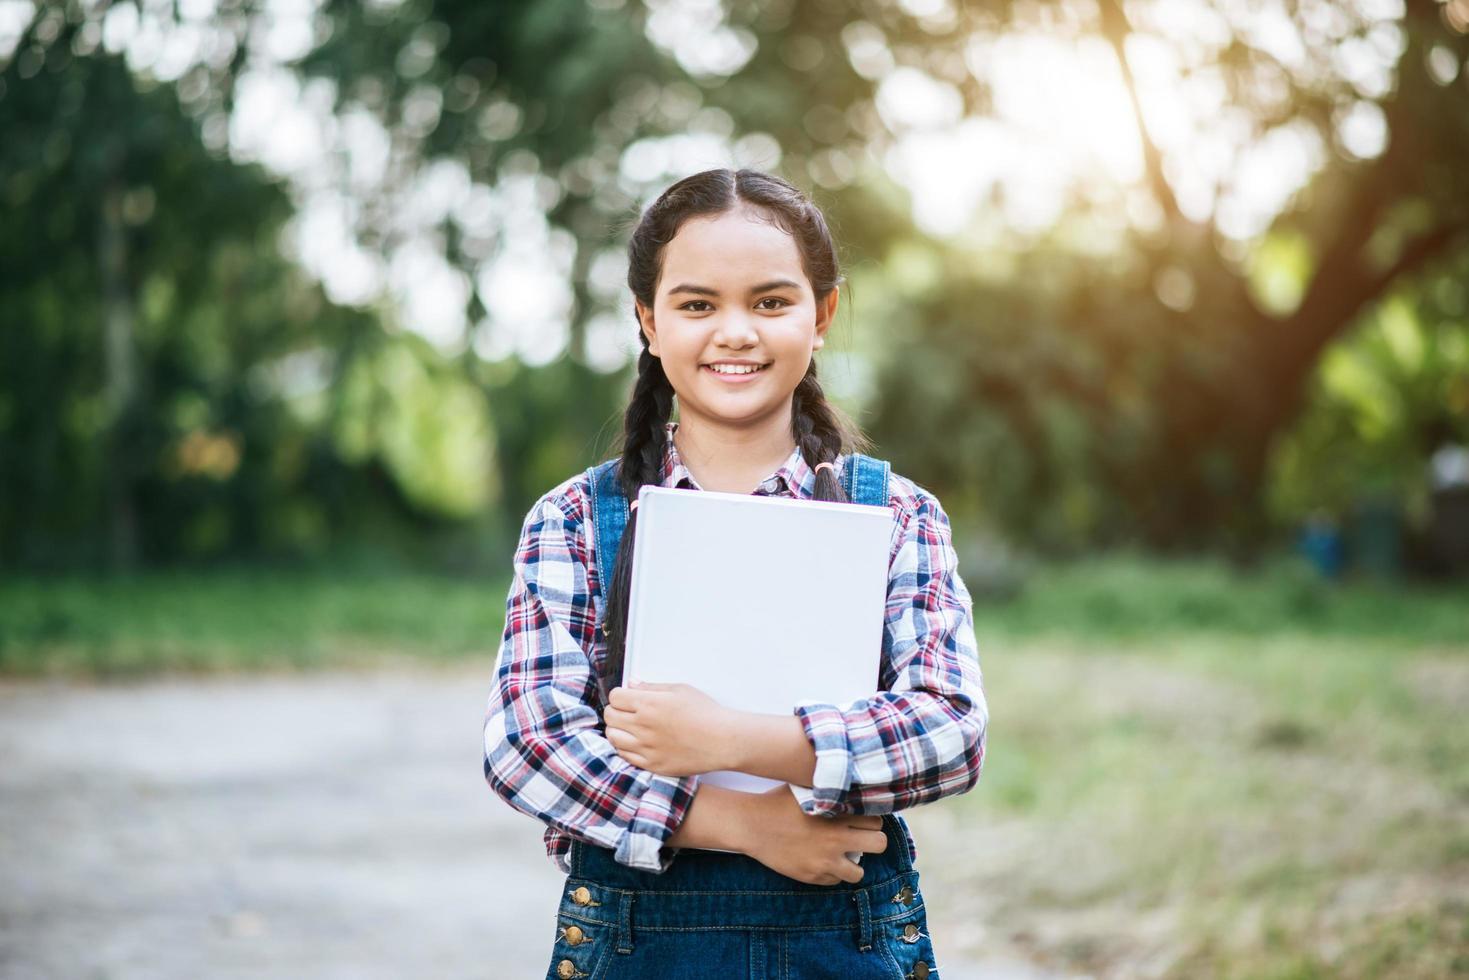 giovane studentessa in possesso di un libro foto